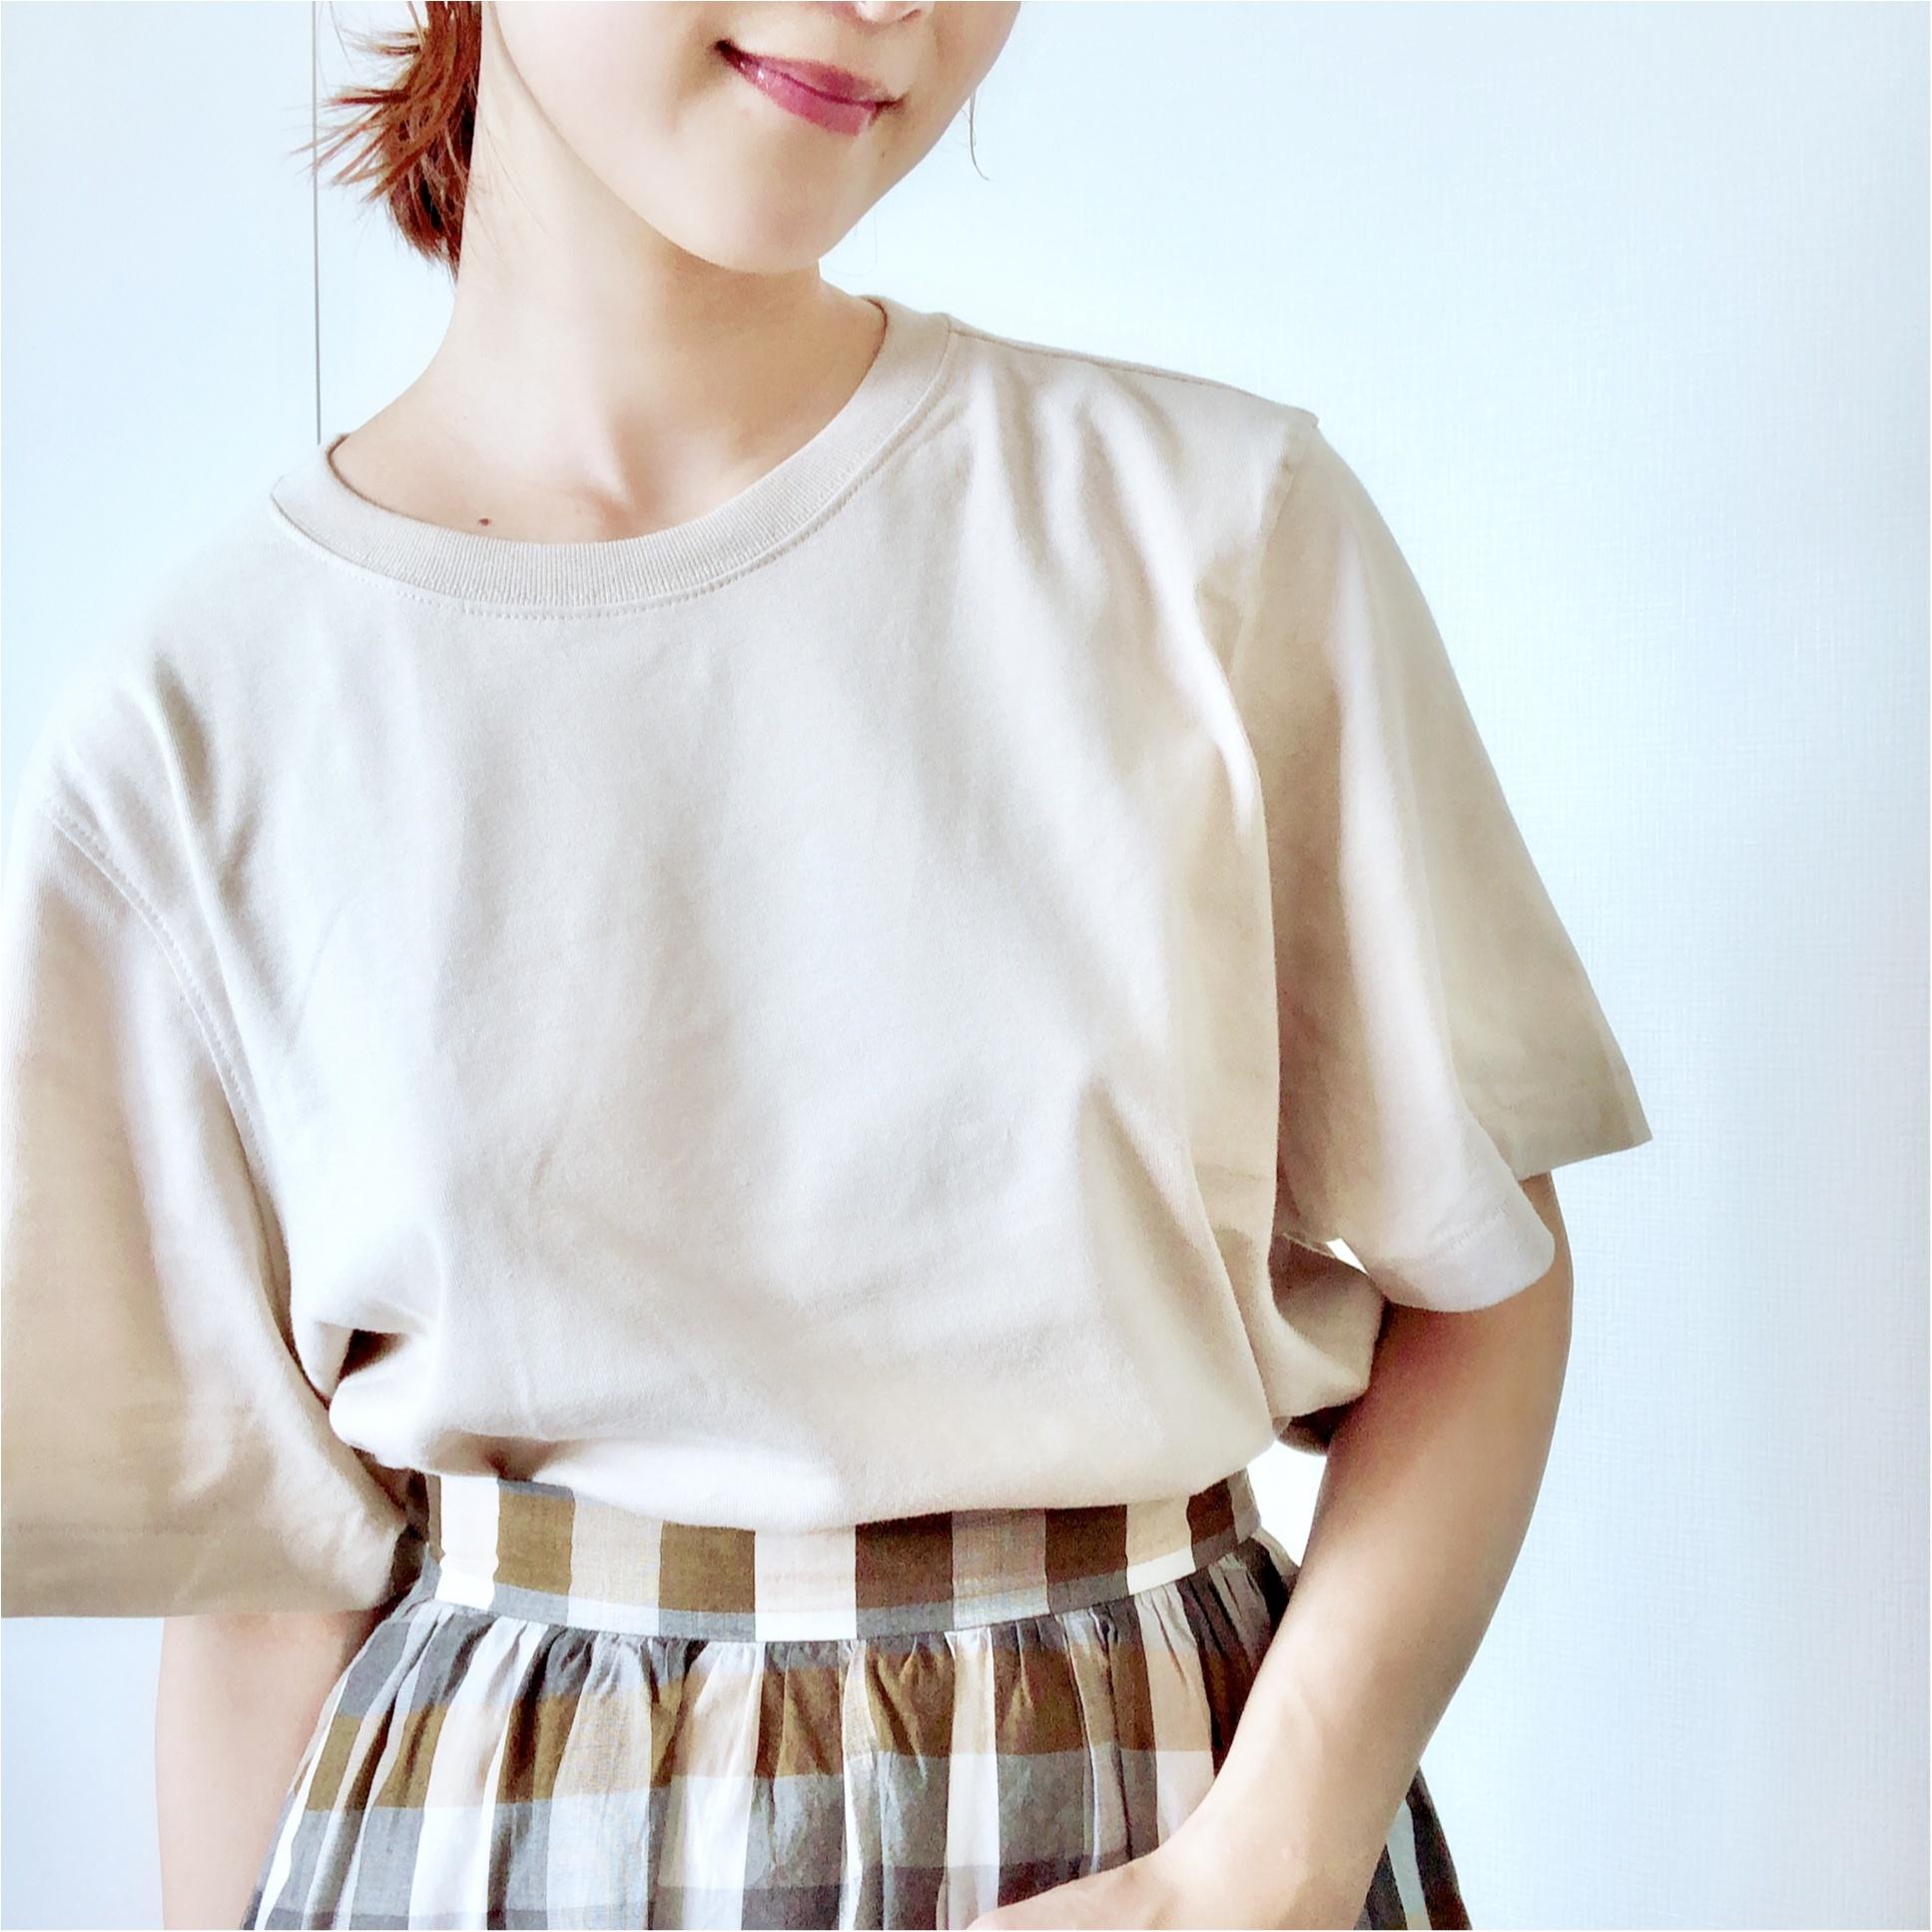 【UNIQLO】お洒落さんがこぞって買っている《話題のTシャツ》を2色買い❤️7/5までならお買い得なので急げっ!_4